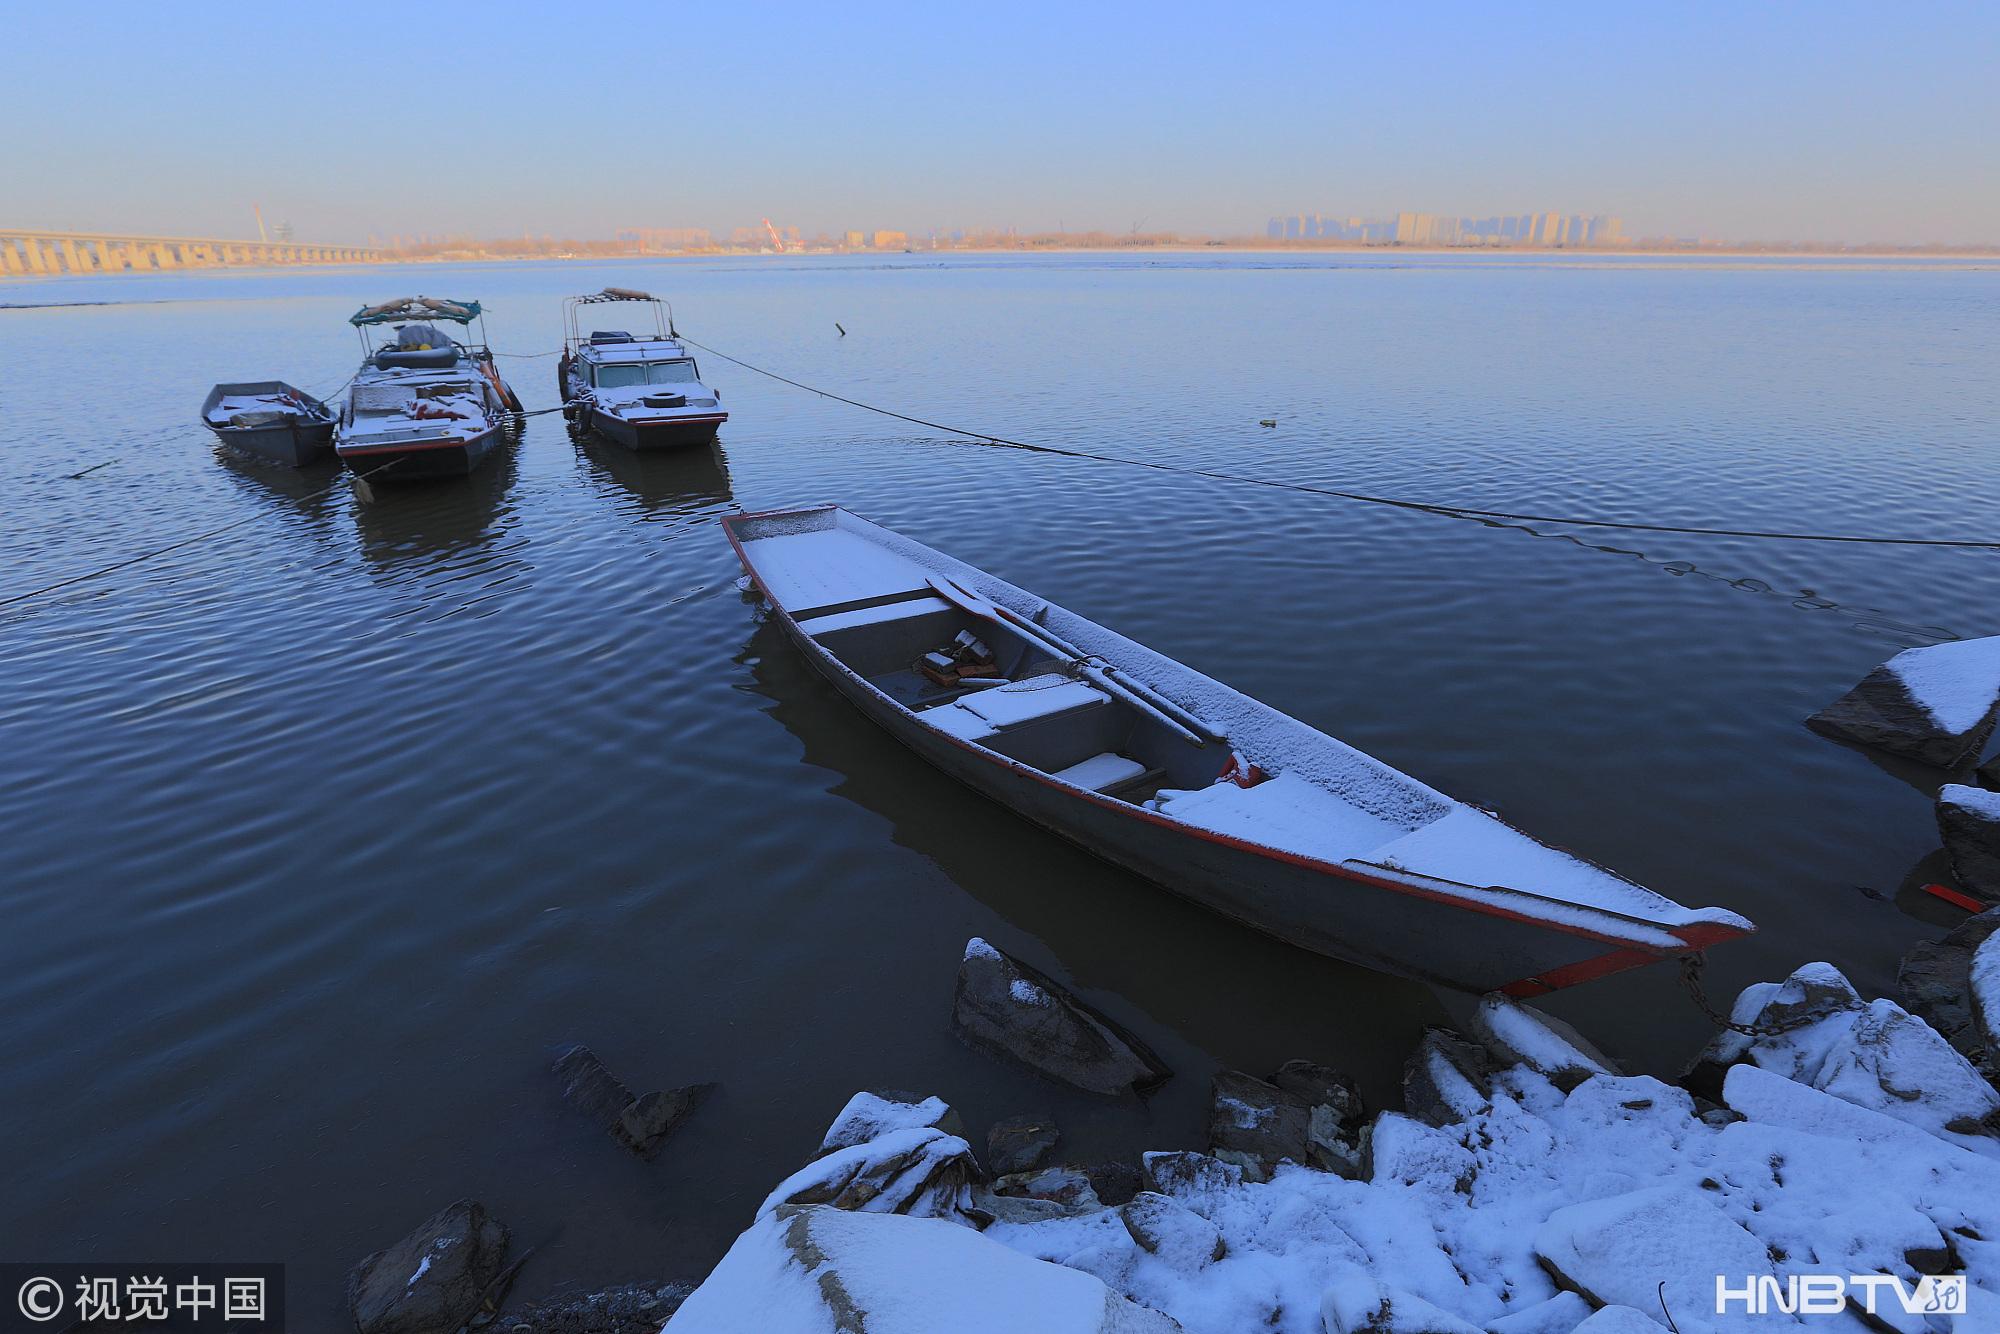 雪后哈尔滨江畔景色清新 降温6度不耽误市民健身(组图)